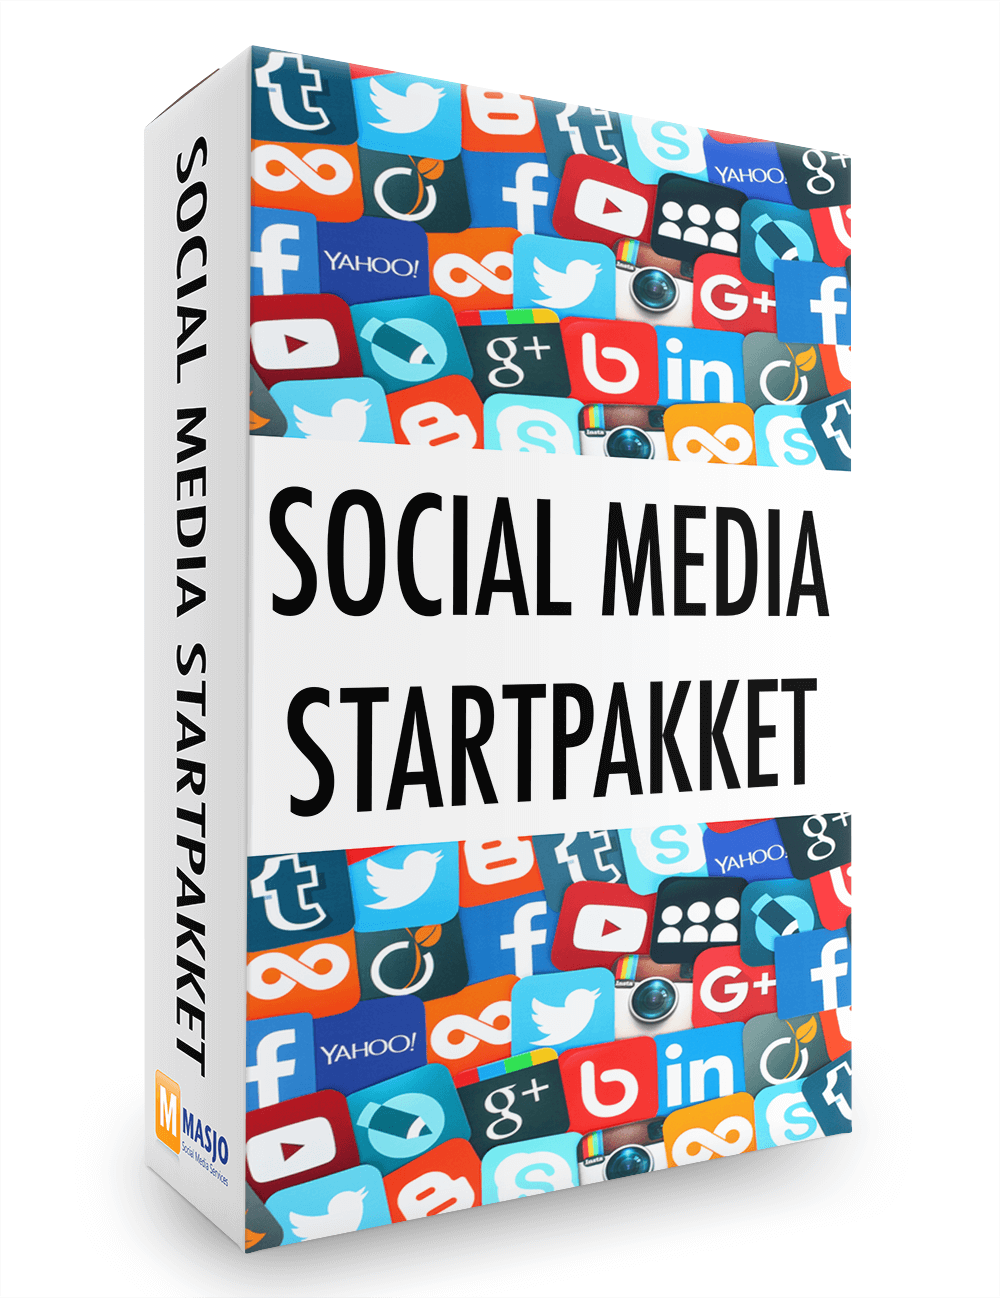 social media startpakket